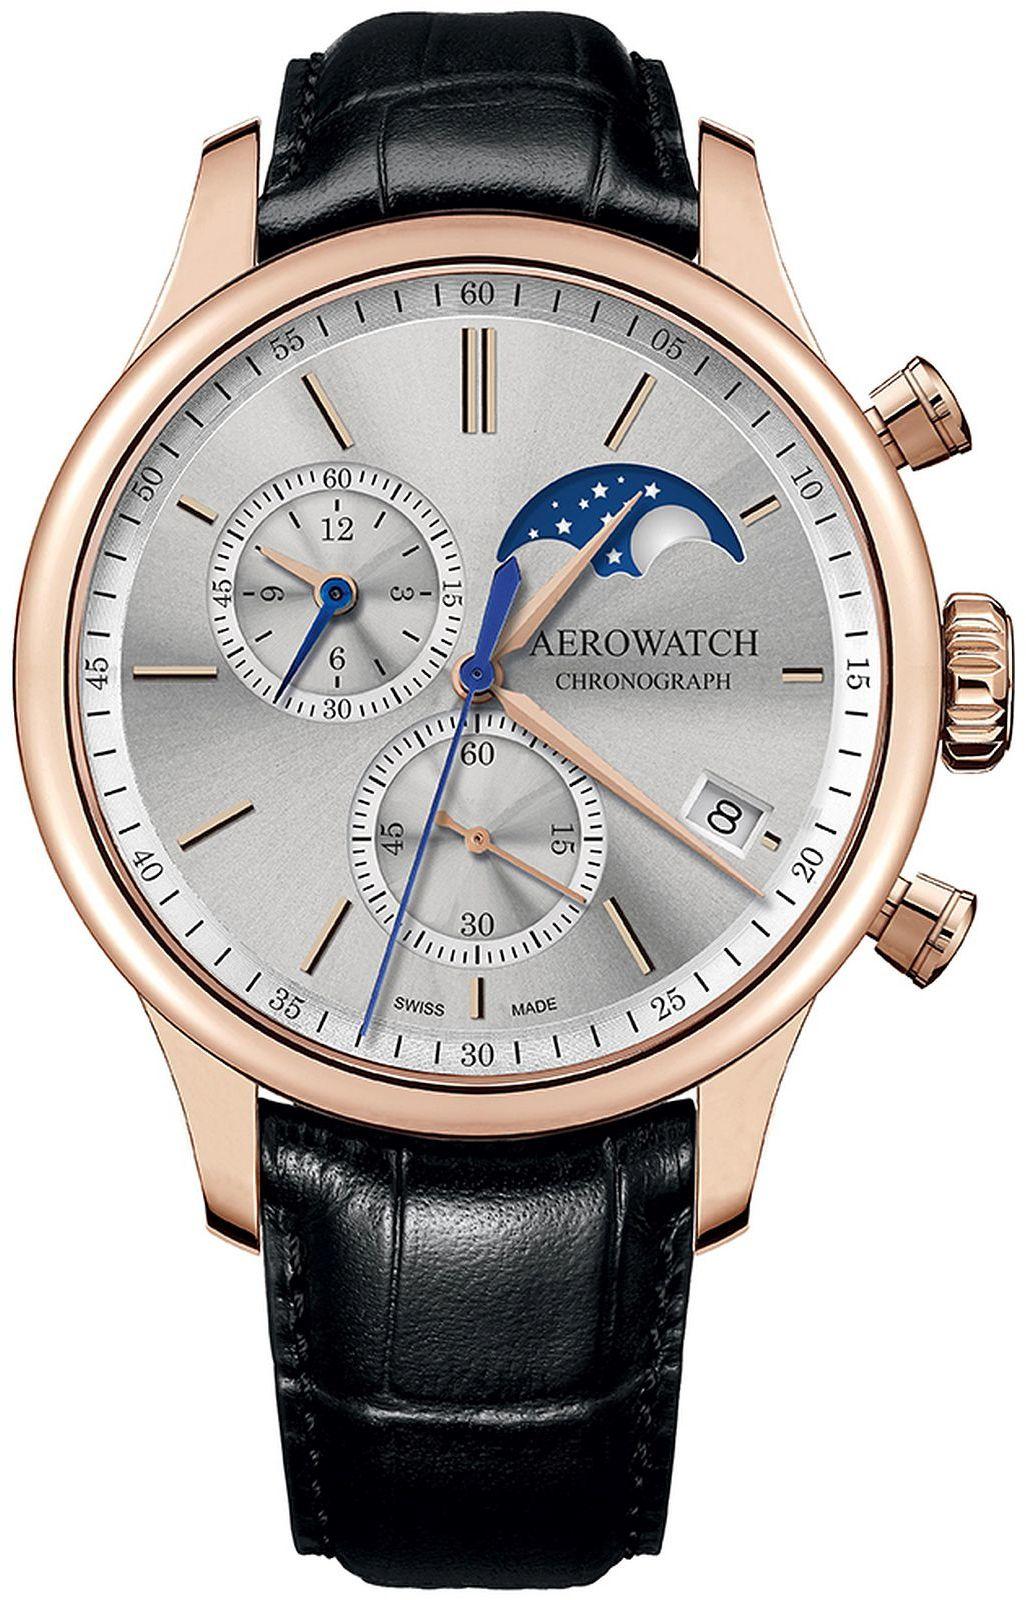 Aerowatch 78986-RO03 > Wysyłka tego samego dnia Grawer 0zł Darmowa dostawa Kurierem/Inpost Darmowy zwrot przez 100 DNI